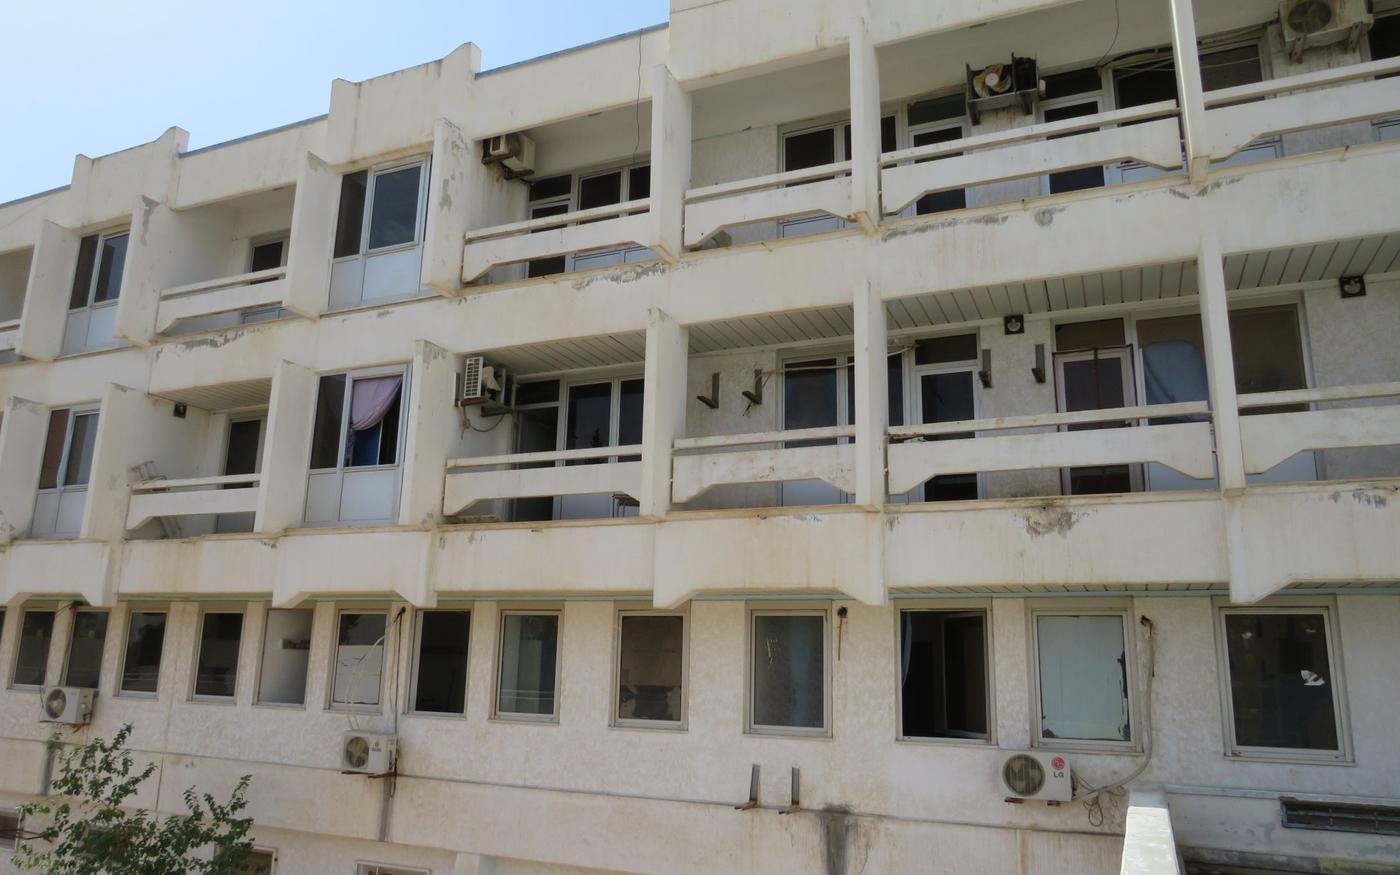 Les logements de l'hôpital d'Espia étaient utilisés par les mercenaires Wagner comme leur siège (MEE/Daniel Hilton)